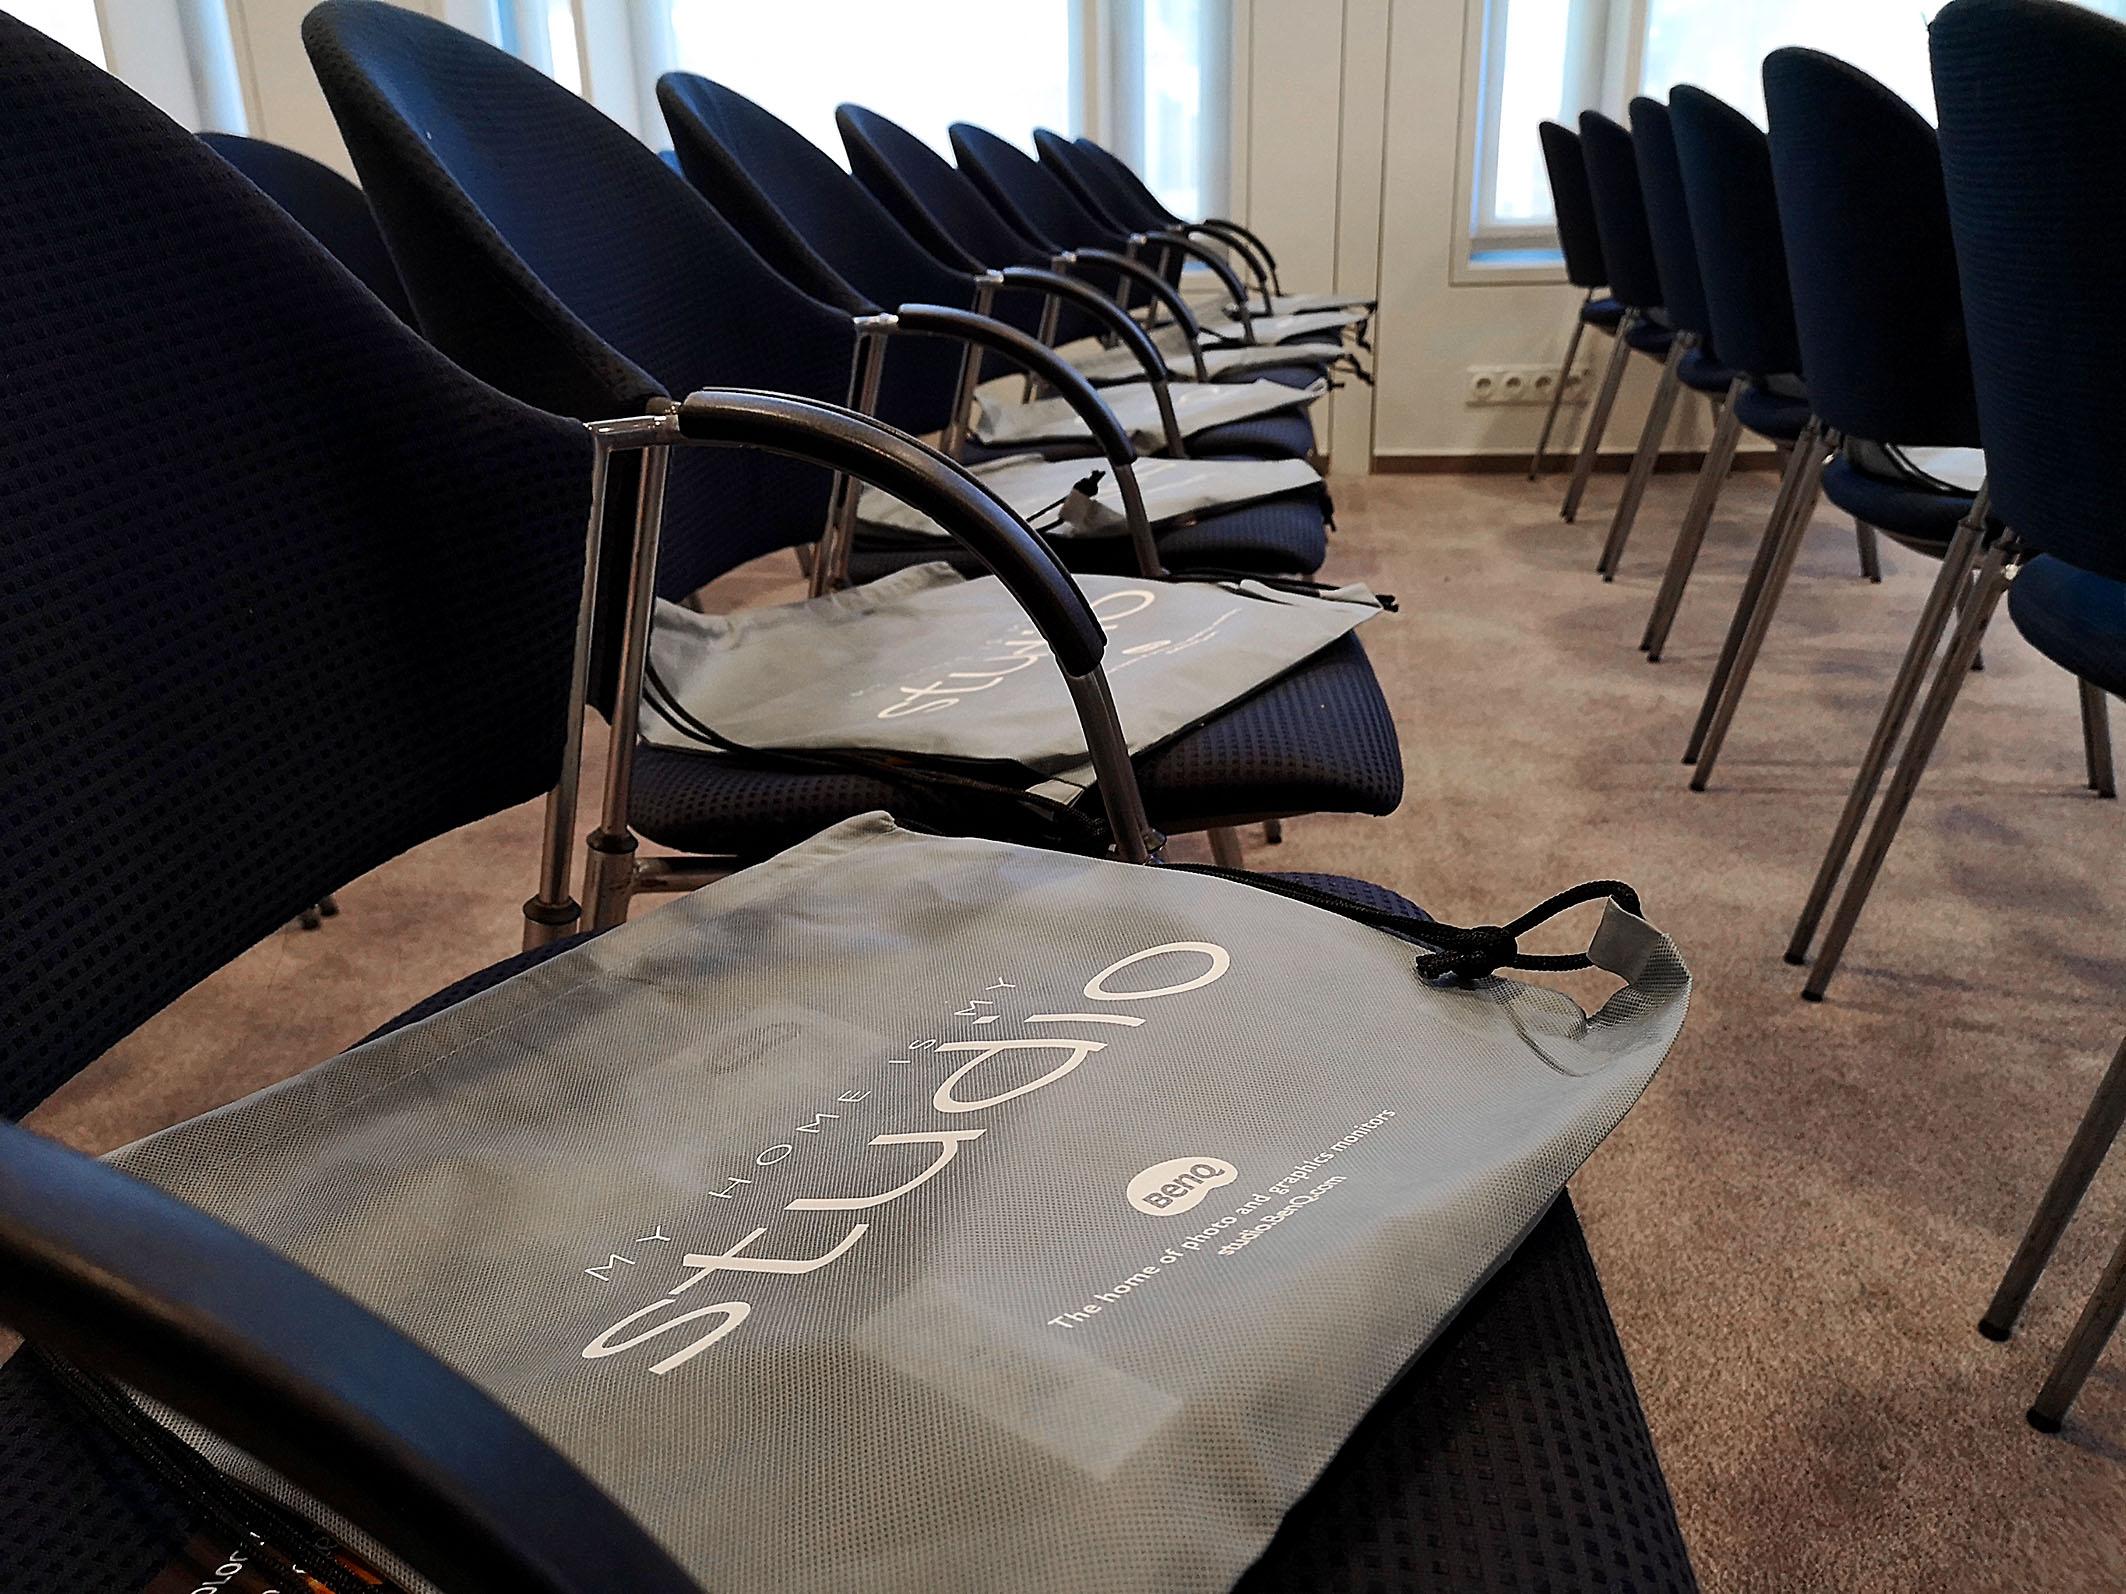 Foto: Michael B. Rehders - Die Taschen mit den Geschenken für die Gäste liegen bereit.